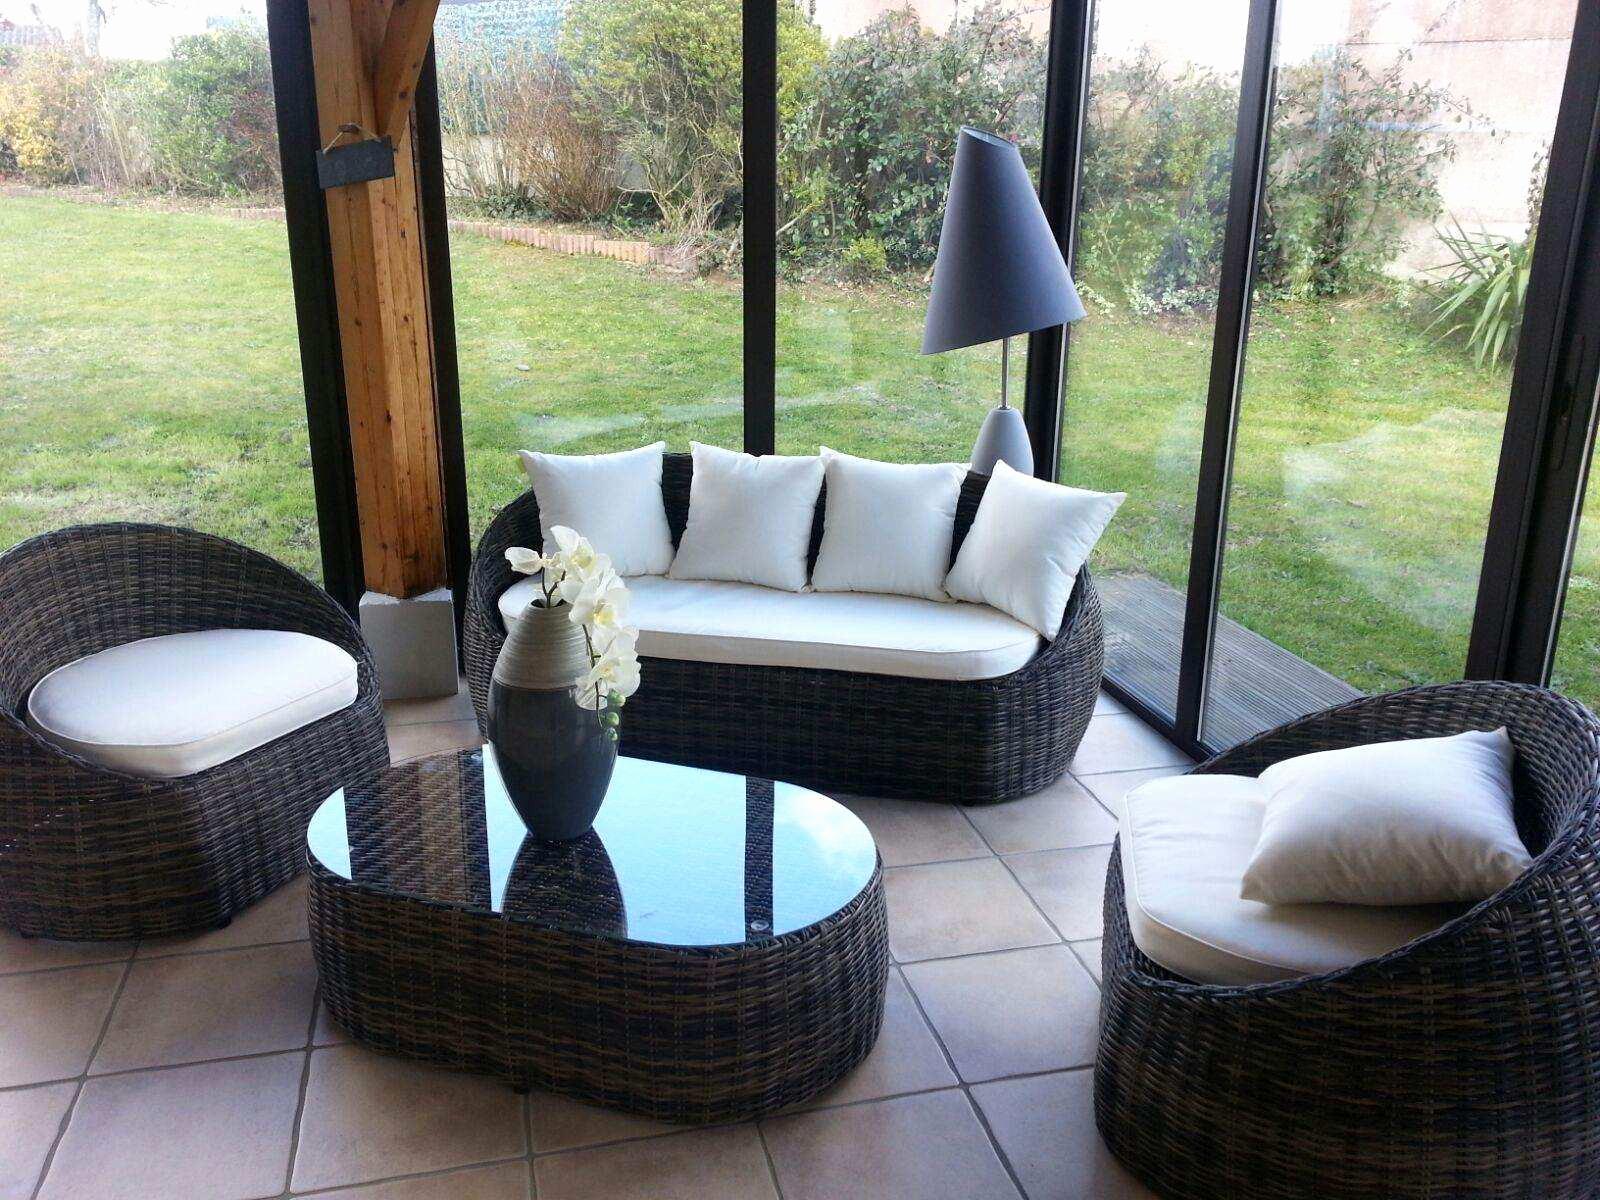 solde salon de jardin castorama beau beautiful castorama meuble de jardin of solde salon de jardin castorama